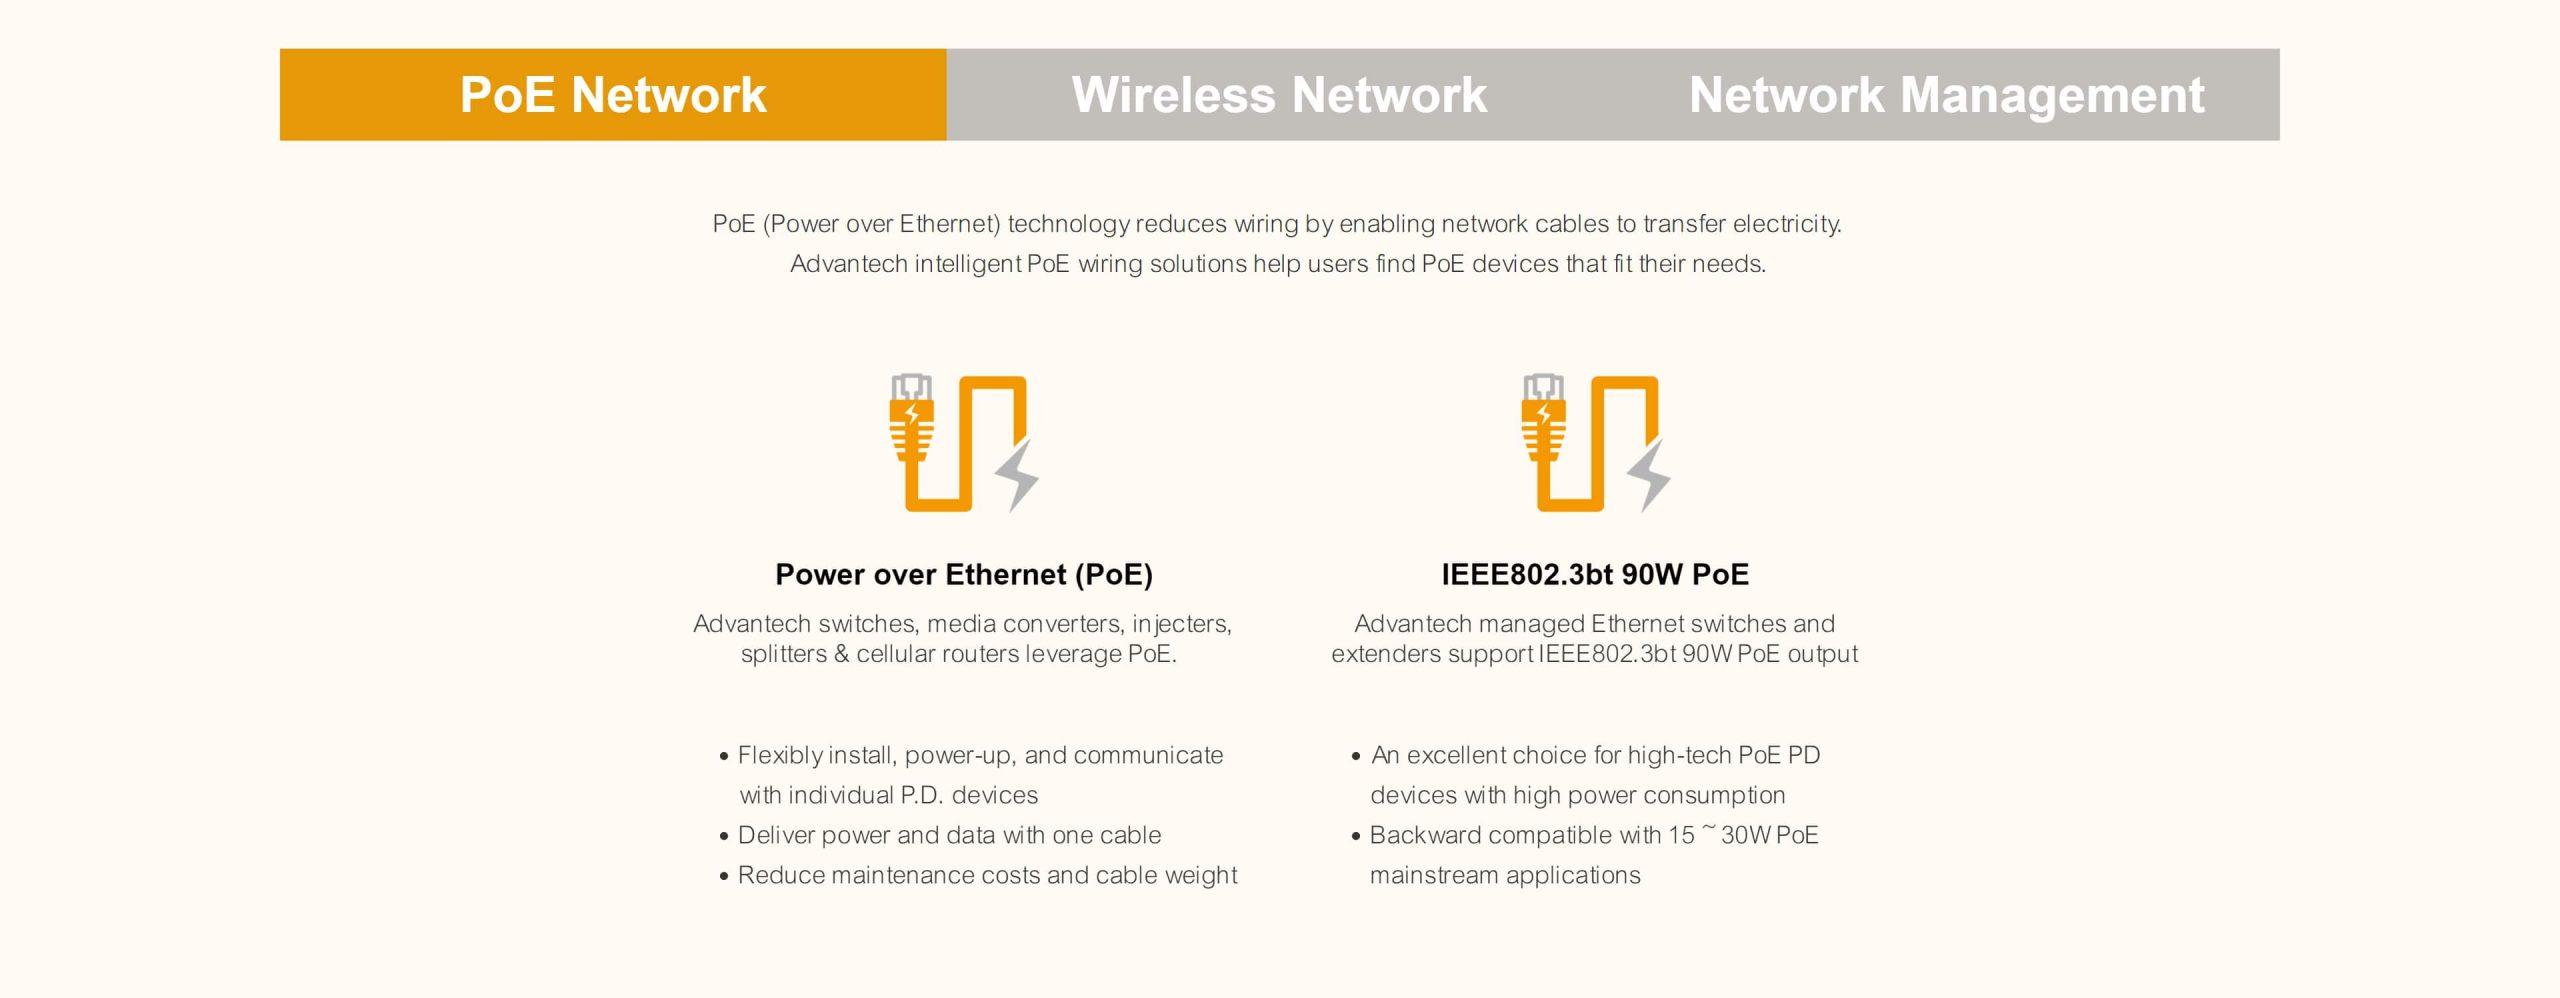 Amplicon middle east-advantech-intelligent-connectivity-en-surveillance-transportation-hub-2021-09-19-12_25_54_02-min